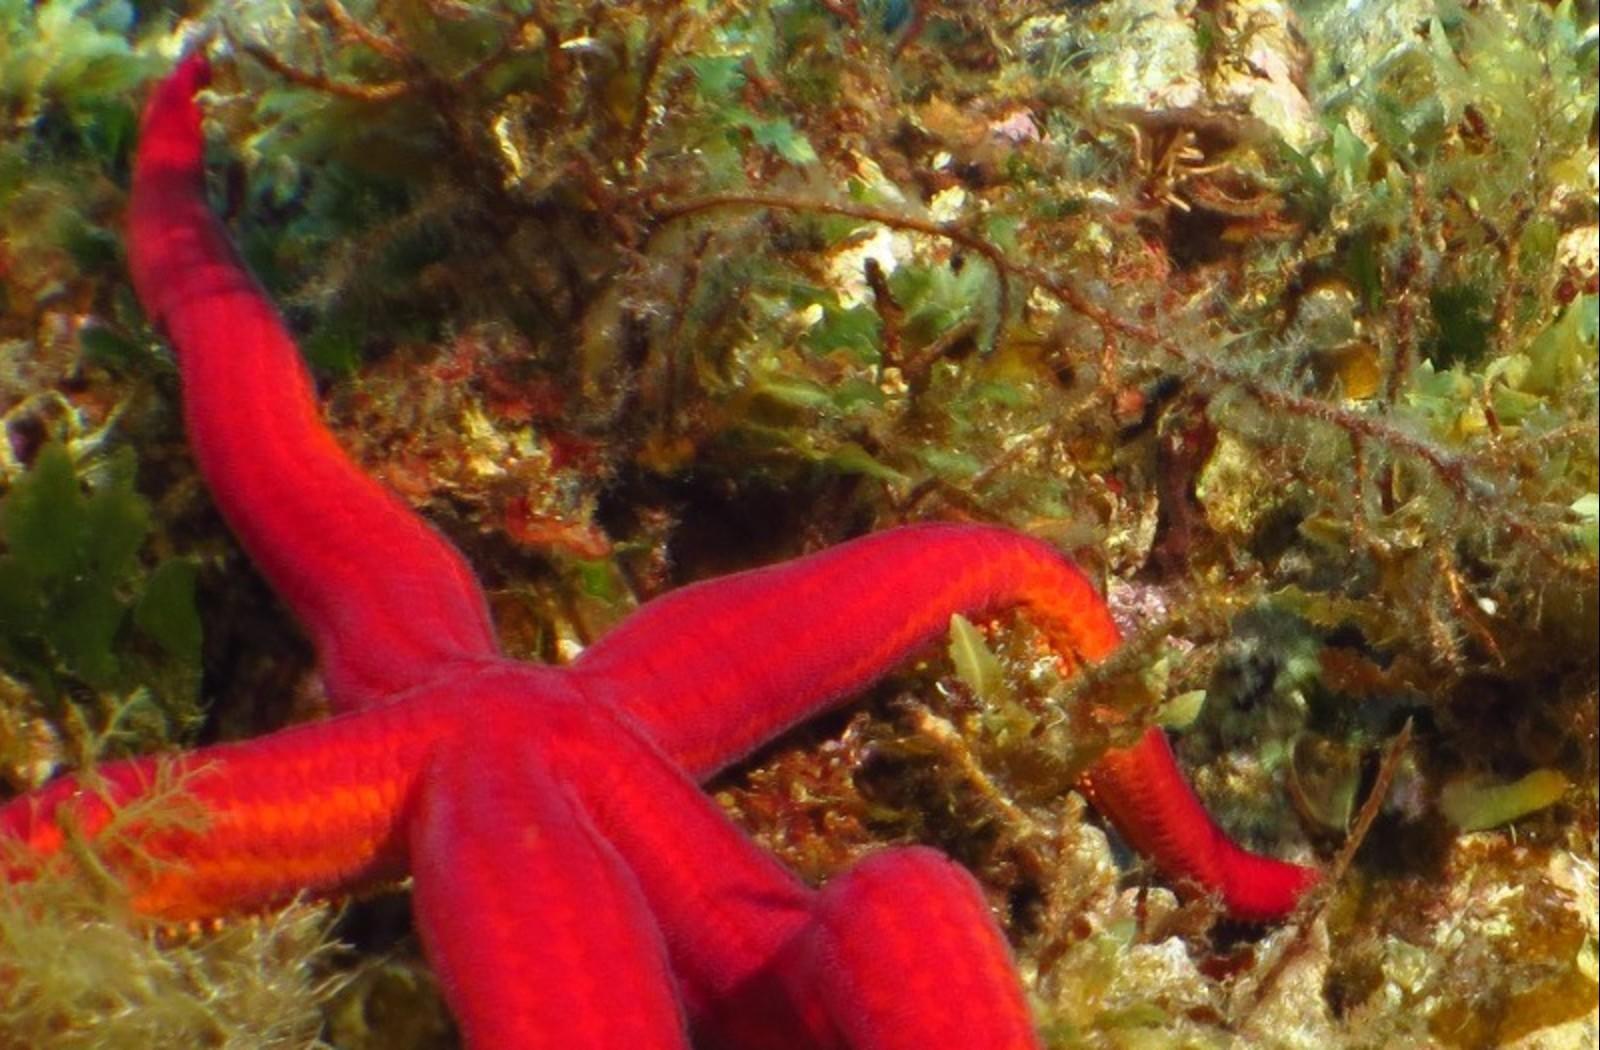 L'area marina protetta di Capo Milazzo